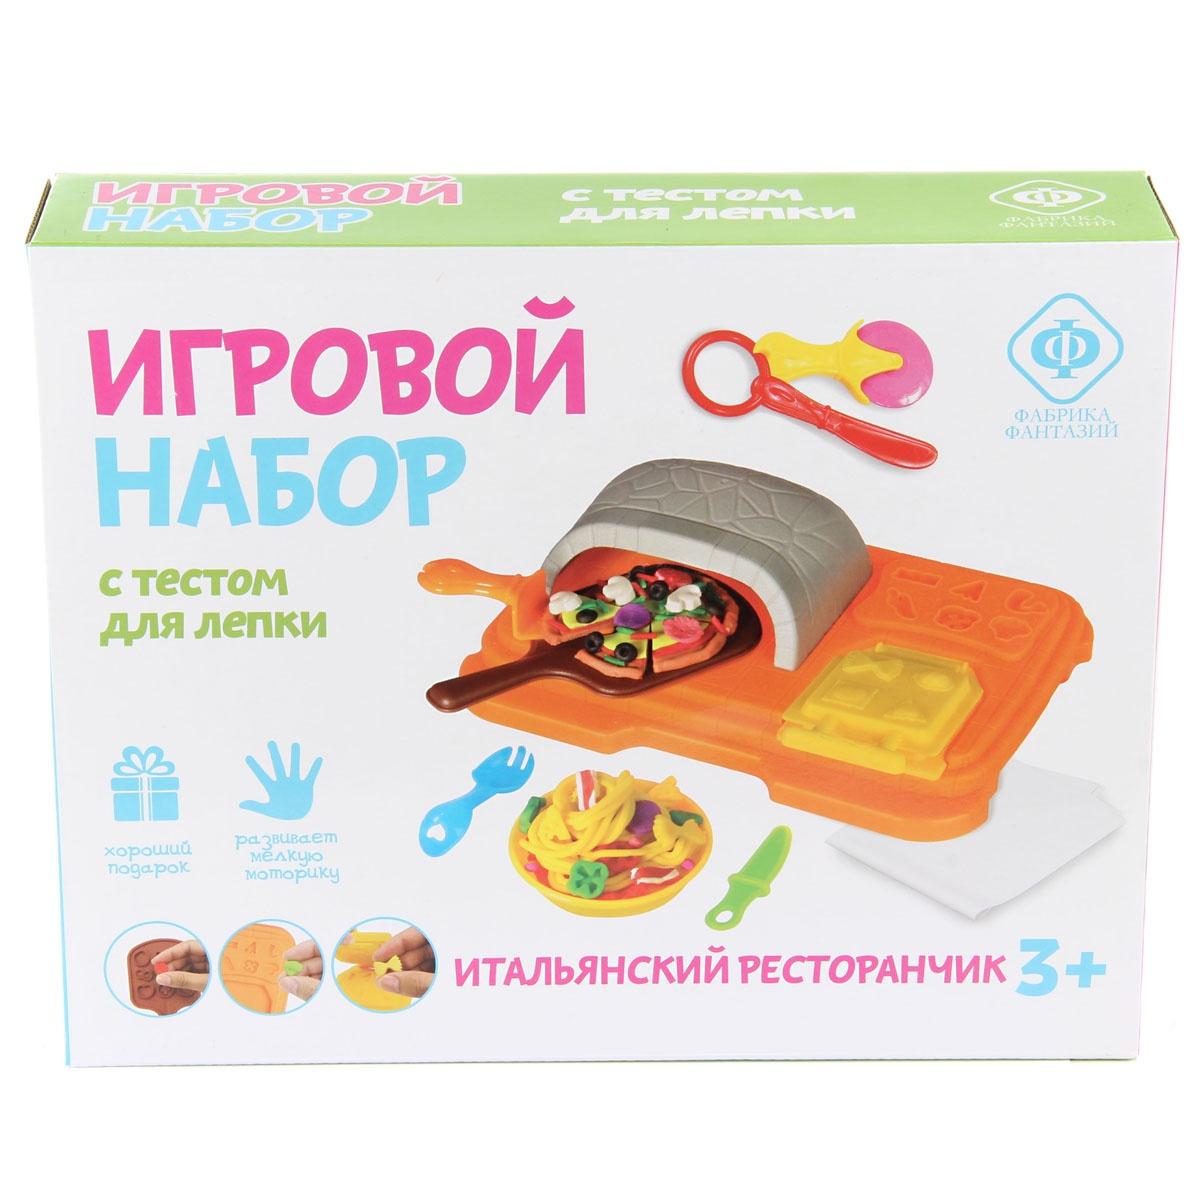 Масса для лепки Фабрика Фантазий 70828 Изучите с ребенком весь путь изготовления пиццы с помощью набора....